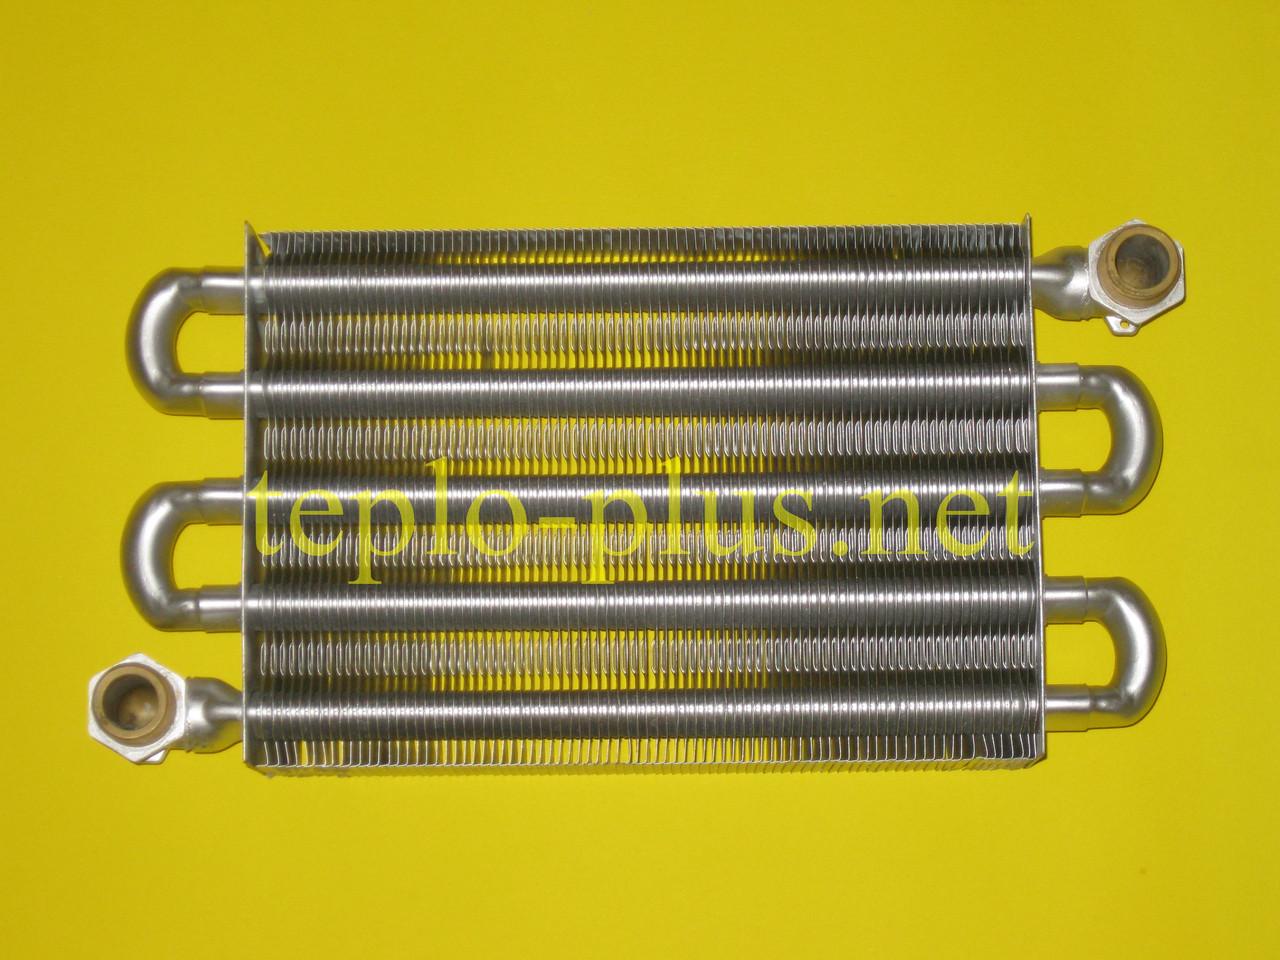 Теплообменник первичный (основной) 24 кВт WH1B, WH1D 7825510 Viessmann Vitopend 100